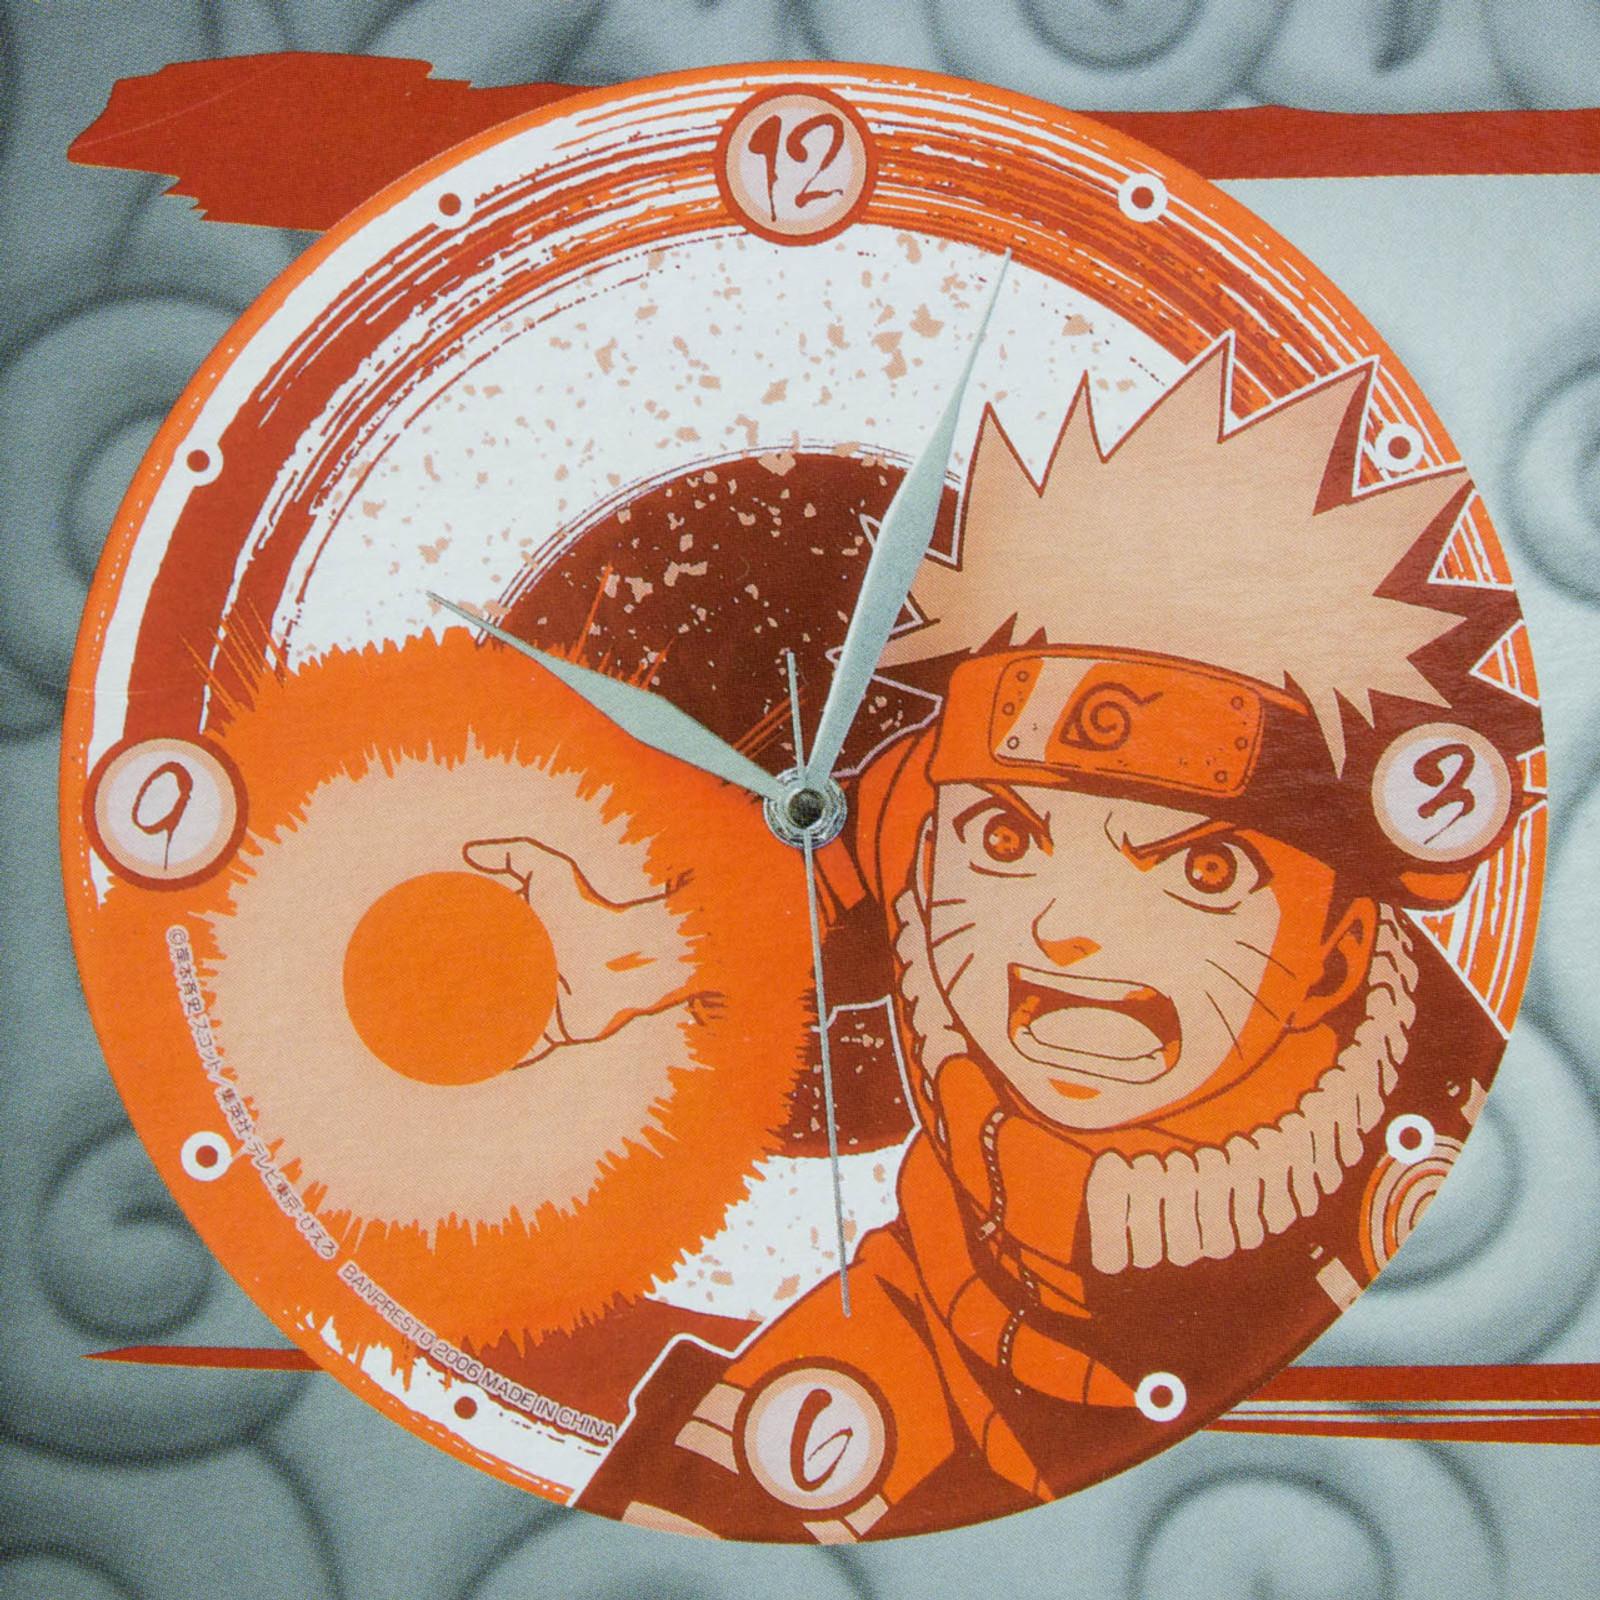 NARUTO Uzumaki Naruto Art Wall Clock Banpresto JAPAN ANIME MANGA SHONEN JUMP